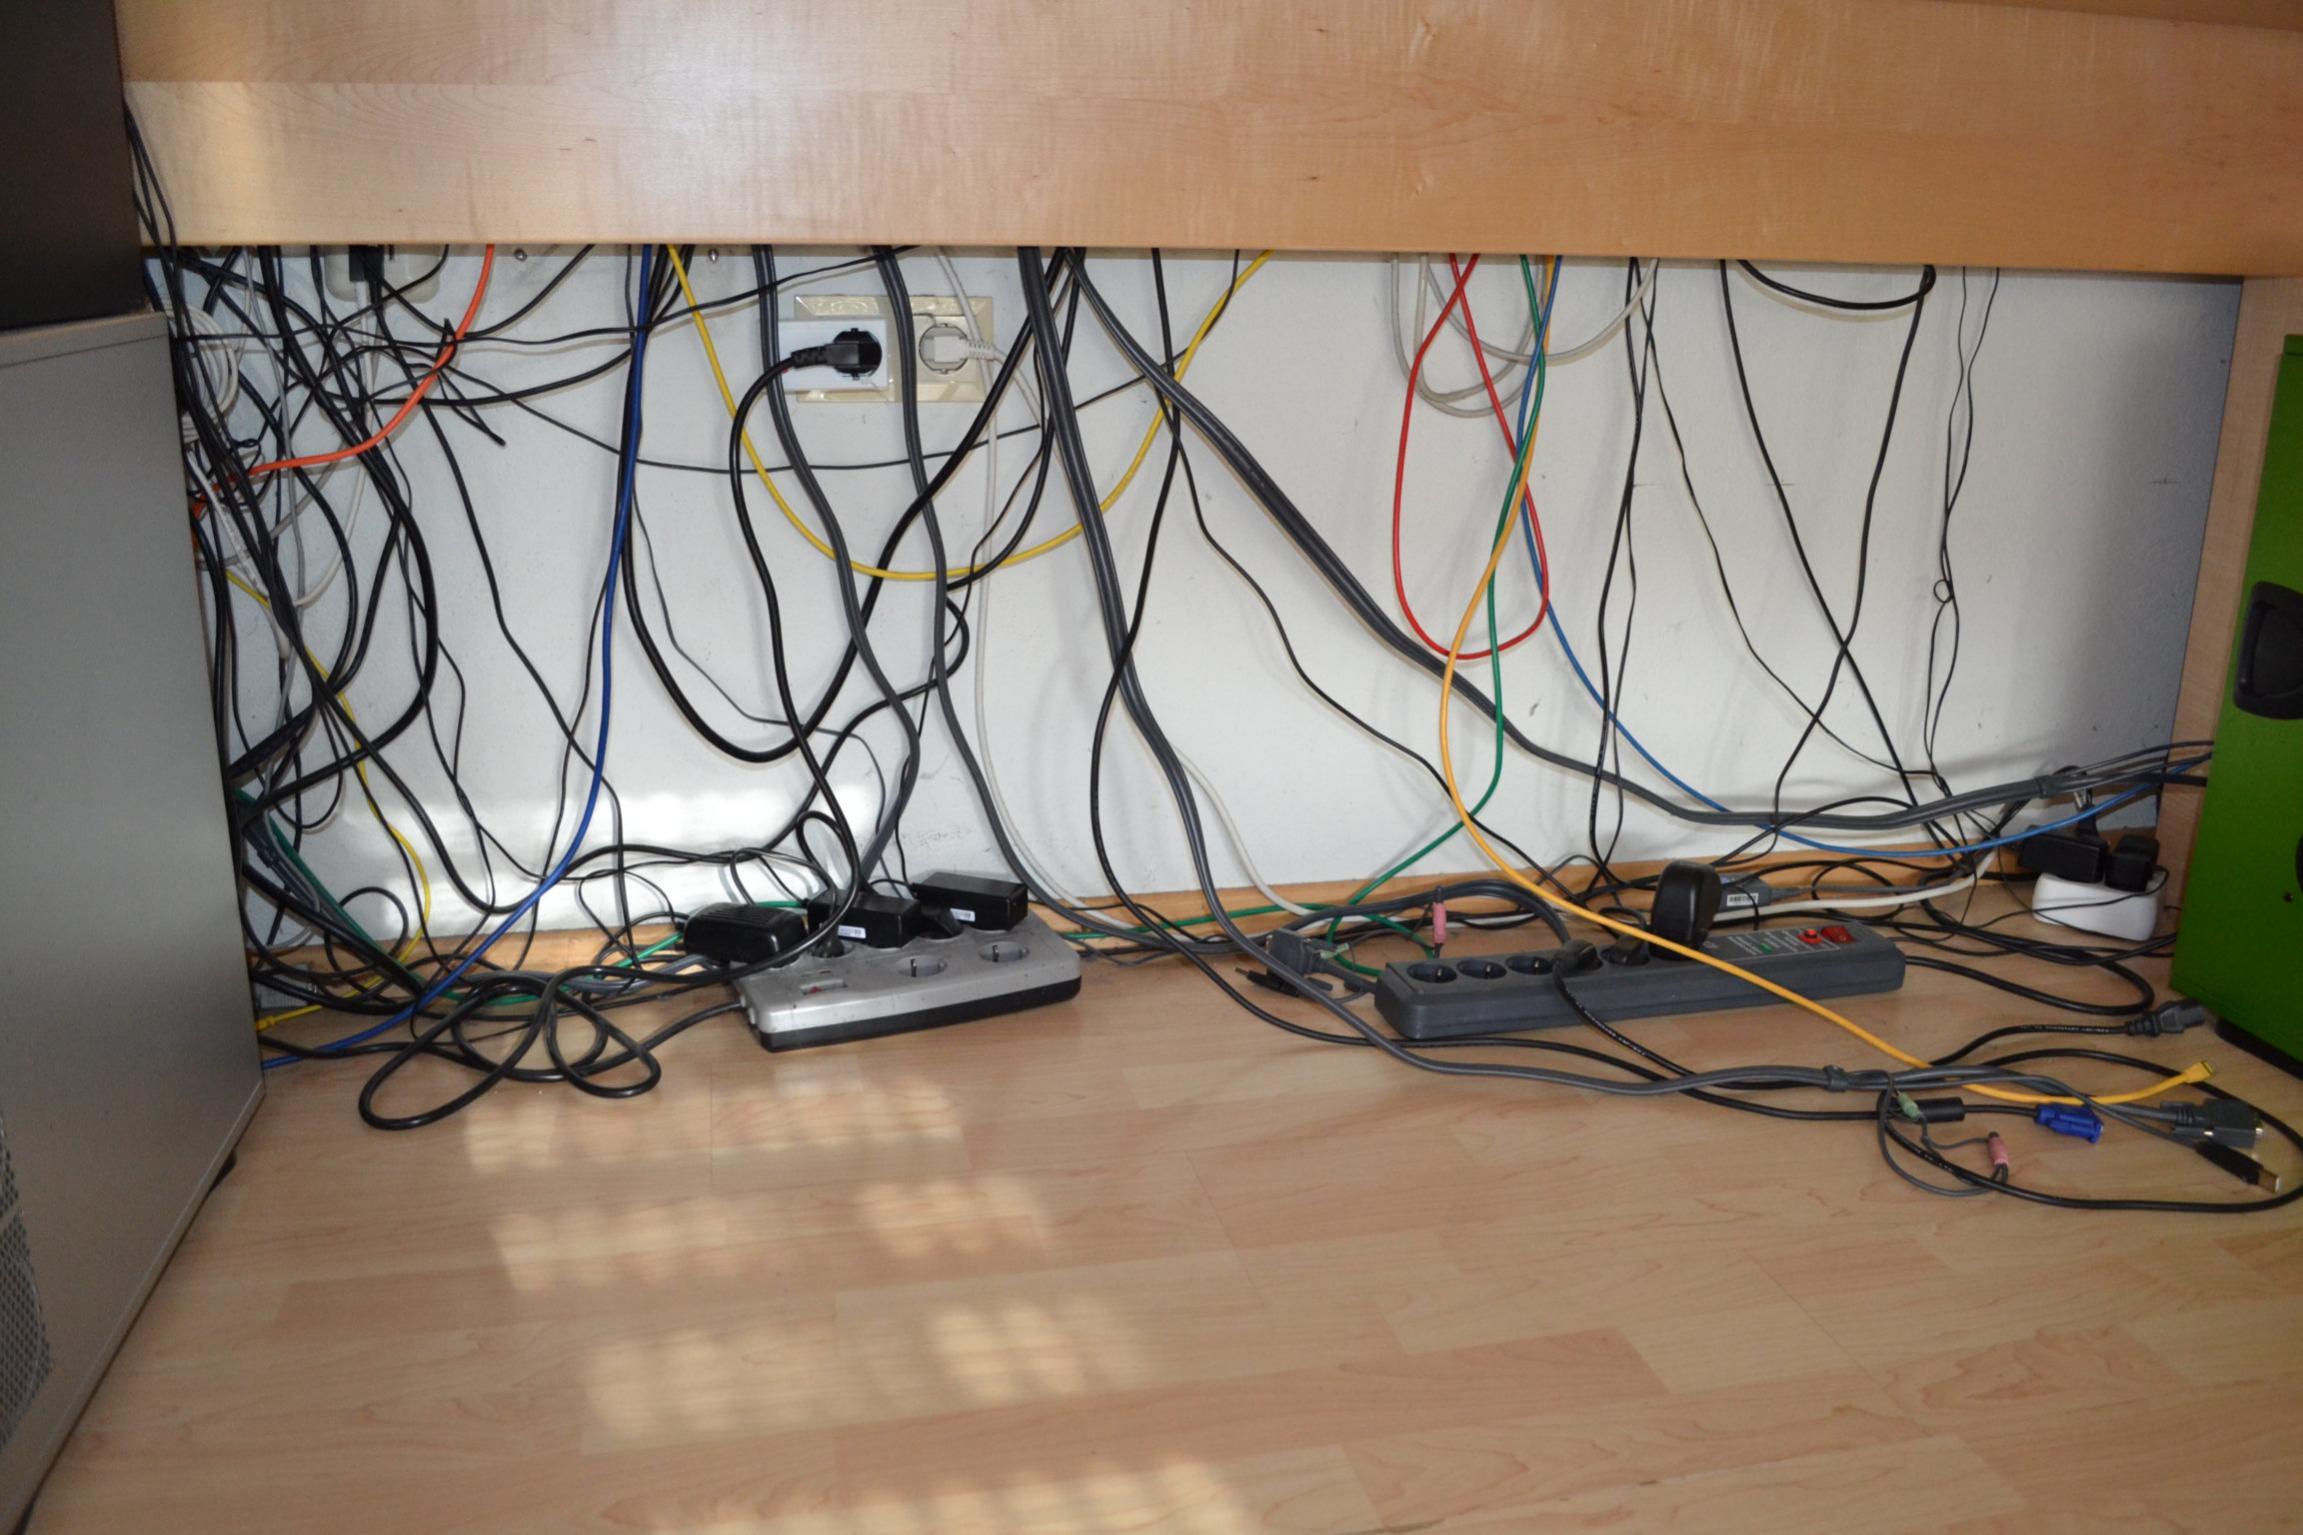 Netzwerk Kabel verstecken | ComputerBase Forum